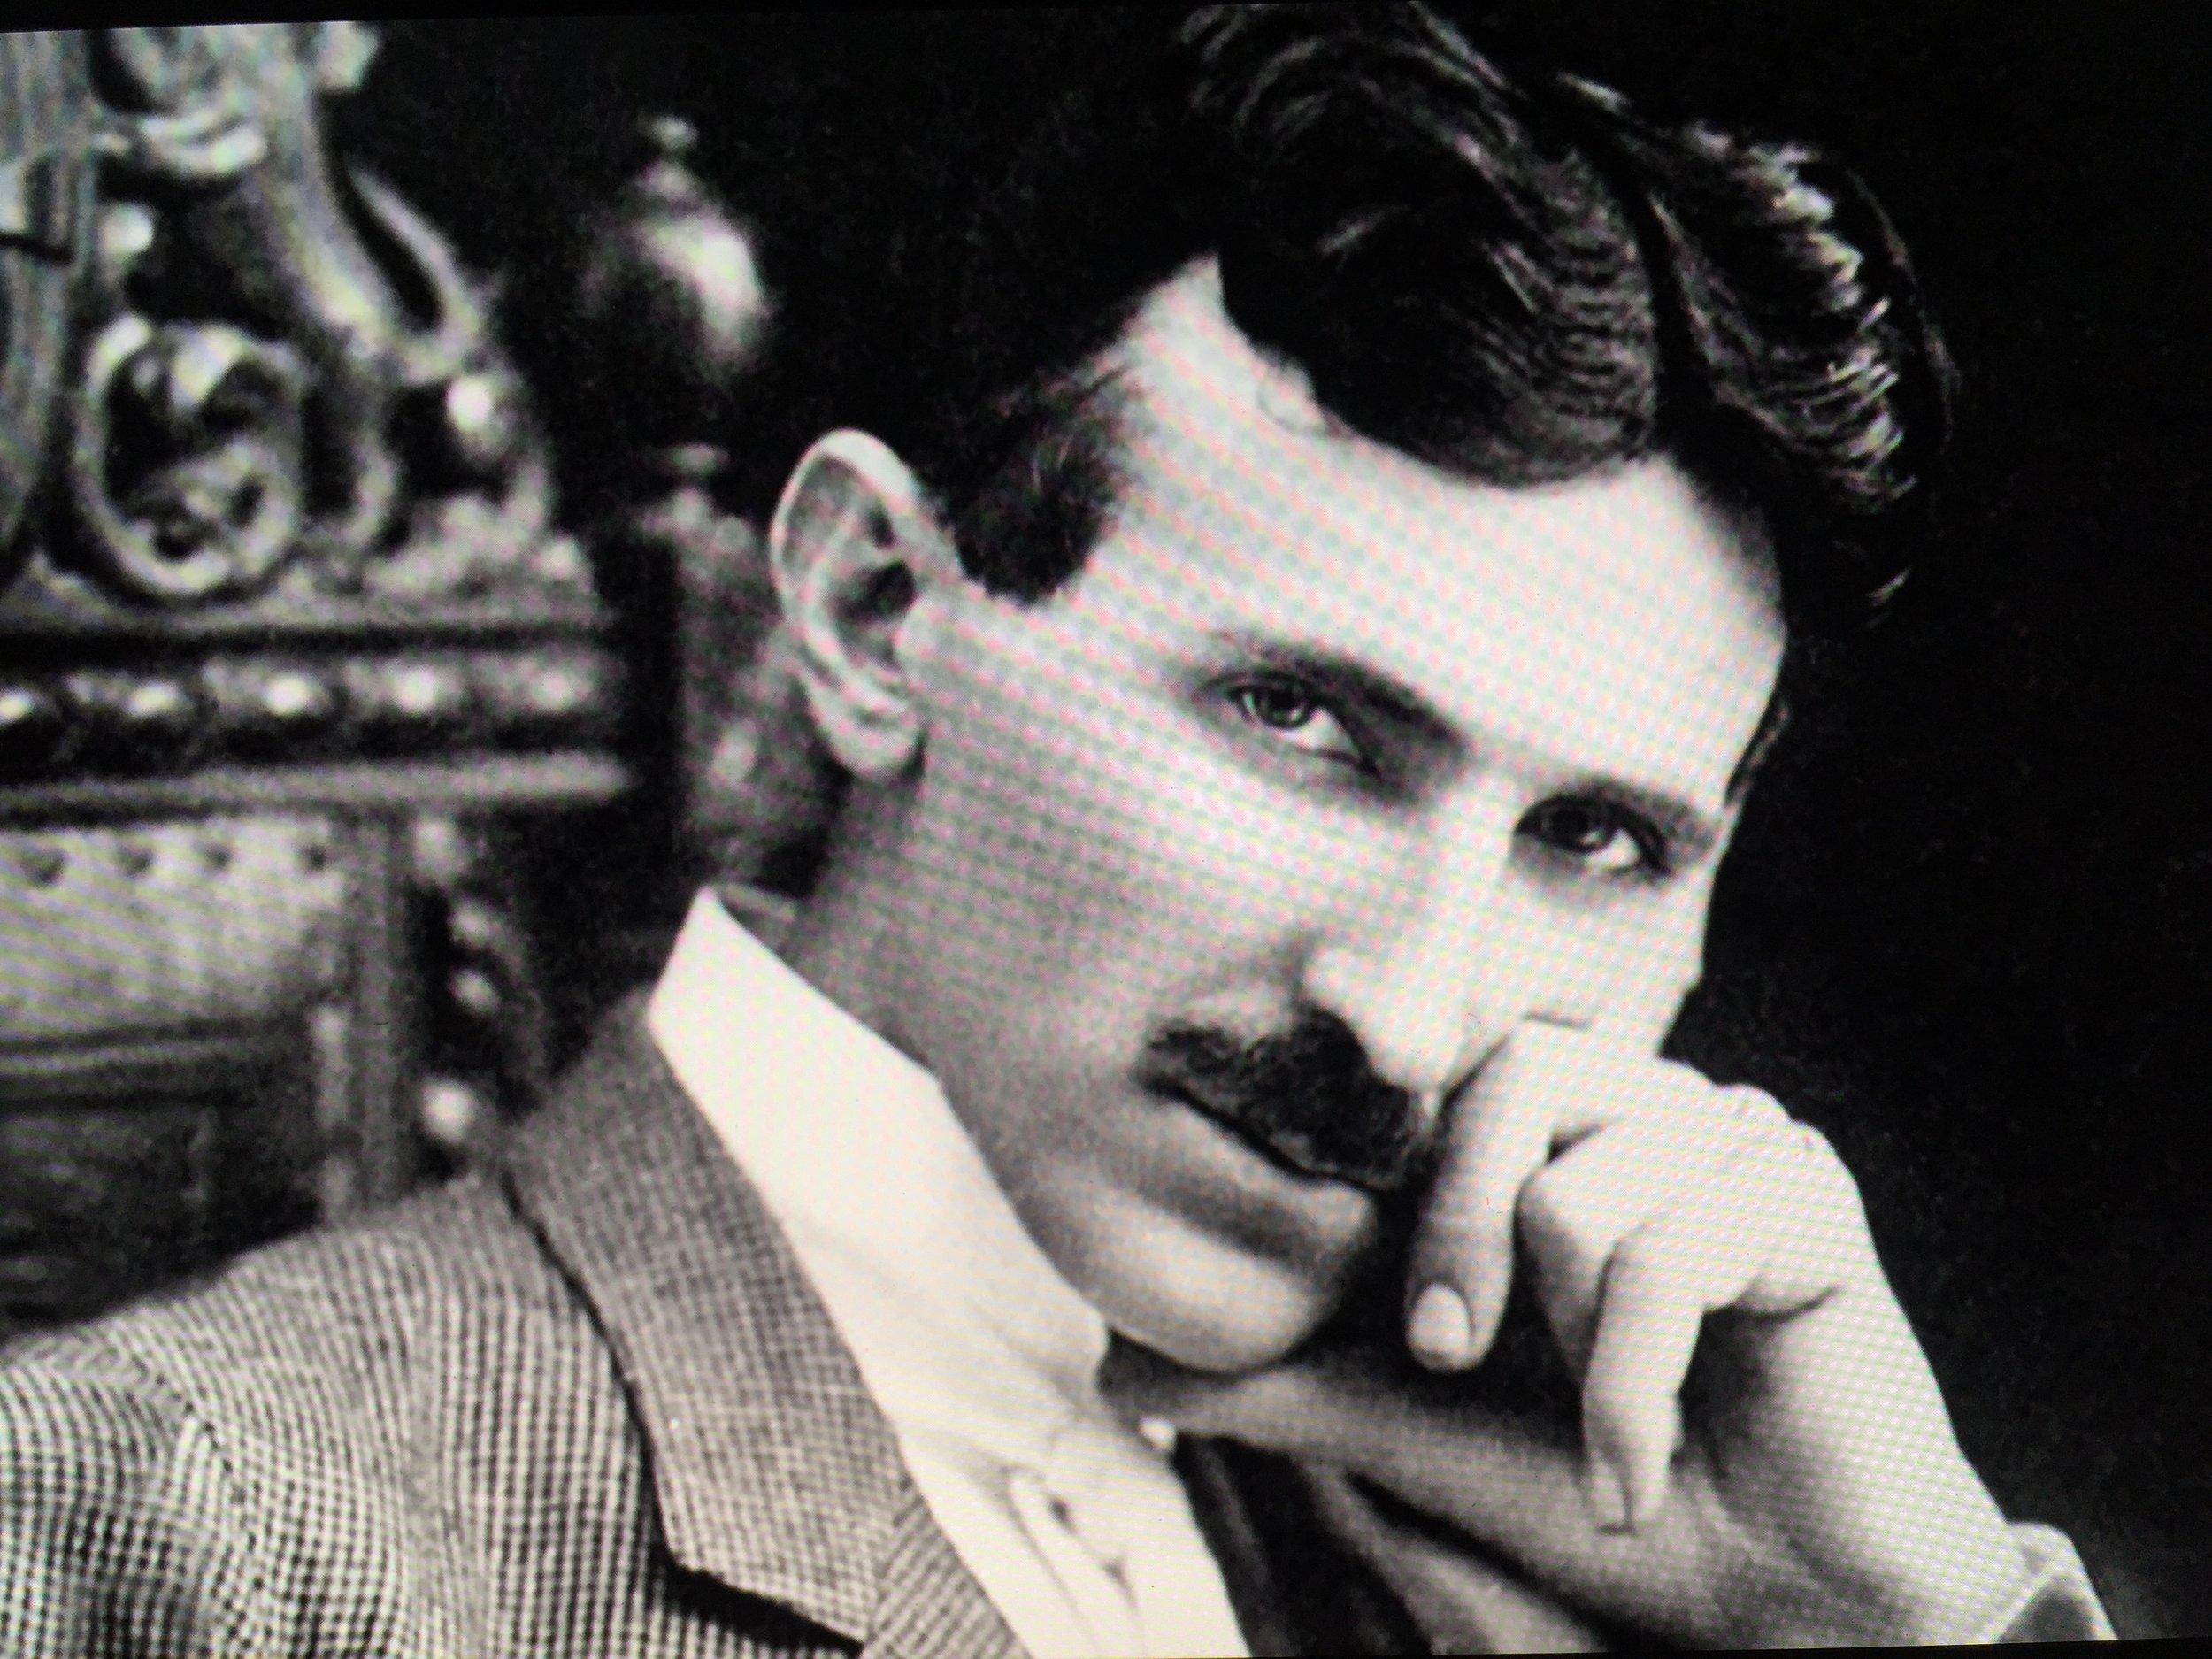 """Vous connaissez peut-être  Thomas Edison  (1847-1931), le célèbre inventeur de l'ampoule électrique qui a révolutionné le monde de l'électricité en 1879. C'est en partie grâce à lui que nous y avons aujourd'hui accès dans nos foyers, mais à quel prix...?  Peut-être avez-vous également déjà entendu parlé de  Nikola   Tesla  (1856-1943), élève, assistant (depuis 1884) et fervant admirateur de Thomas Edison. Il était également un grand ami de Samuel Langhorne Clemens plus connu sous le nom de  Mark Twain  (1835-1910).  J'ai découvert Nikola Tesla il y a deux ans (en 2016), un homme incroyable et grand inventeur qui est aujourd'hui encore malheureusement inconnu du grand public.  Certains d'entre nous connaissent peut-être déjà le constructeur automobile """" Tesla Motors """". Bien qu'il fasse l'usage de son nom et d'un concept plus ou moins novateur (conception d'automobiles électriques), il n'y a selon moi pas de réel rapport direct avec Nikola Tesla lui même puisqu'il ne s'agit pas de sa propre initiative et que l'énergie utilisée, bien qu'elle soit renouvelable et durable, n'est ni illimitée, ni gratuite (dépendant du système mis en place dans le monde).  Si j'écris ce post au sujet de Nikola Tesla, ce n'est pas pour vous parler du constructeur automobile mais parce que j'ai découvert récemment à mon plus grand étonnement qu'il y avait un documentaire qui lui était consacré sur  Netflix :   American Experience """"Tesla"""" ,  réalisé en 2016 par David Grubin, documentaire distribué sur le réseau PBS et qui est aujourd'hui visible sur le site (2018).  Nikola Tesla, dont le nom ne figure dans aucun de nos manuels scolaires, était un très grand inventeur d'origine Serbe (né en Croatie; à l'époque il s'agissait de l'Empire Autrichien), ensuite devenu citoyen américain, a passé toute sa vie à faire des recherches, à expérimenter et à prouver que sa grand découverte aurait pu changer le Monde.  Il avait mis au point  une gigantesque tour de transmission sans fil  connue sous le nom"""